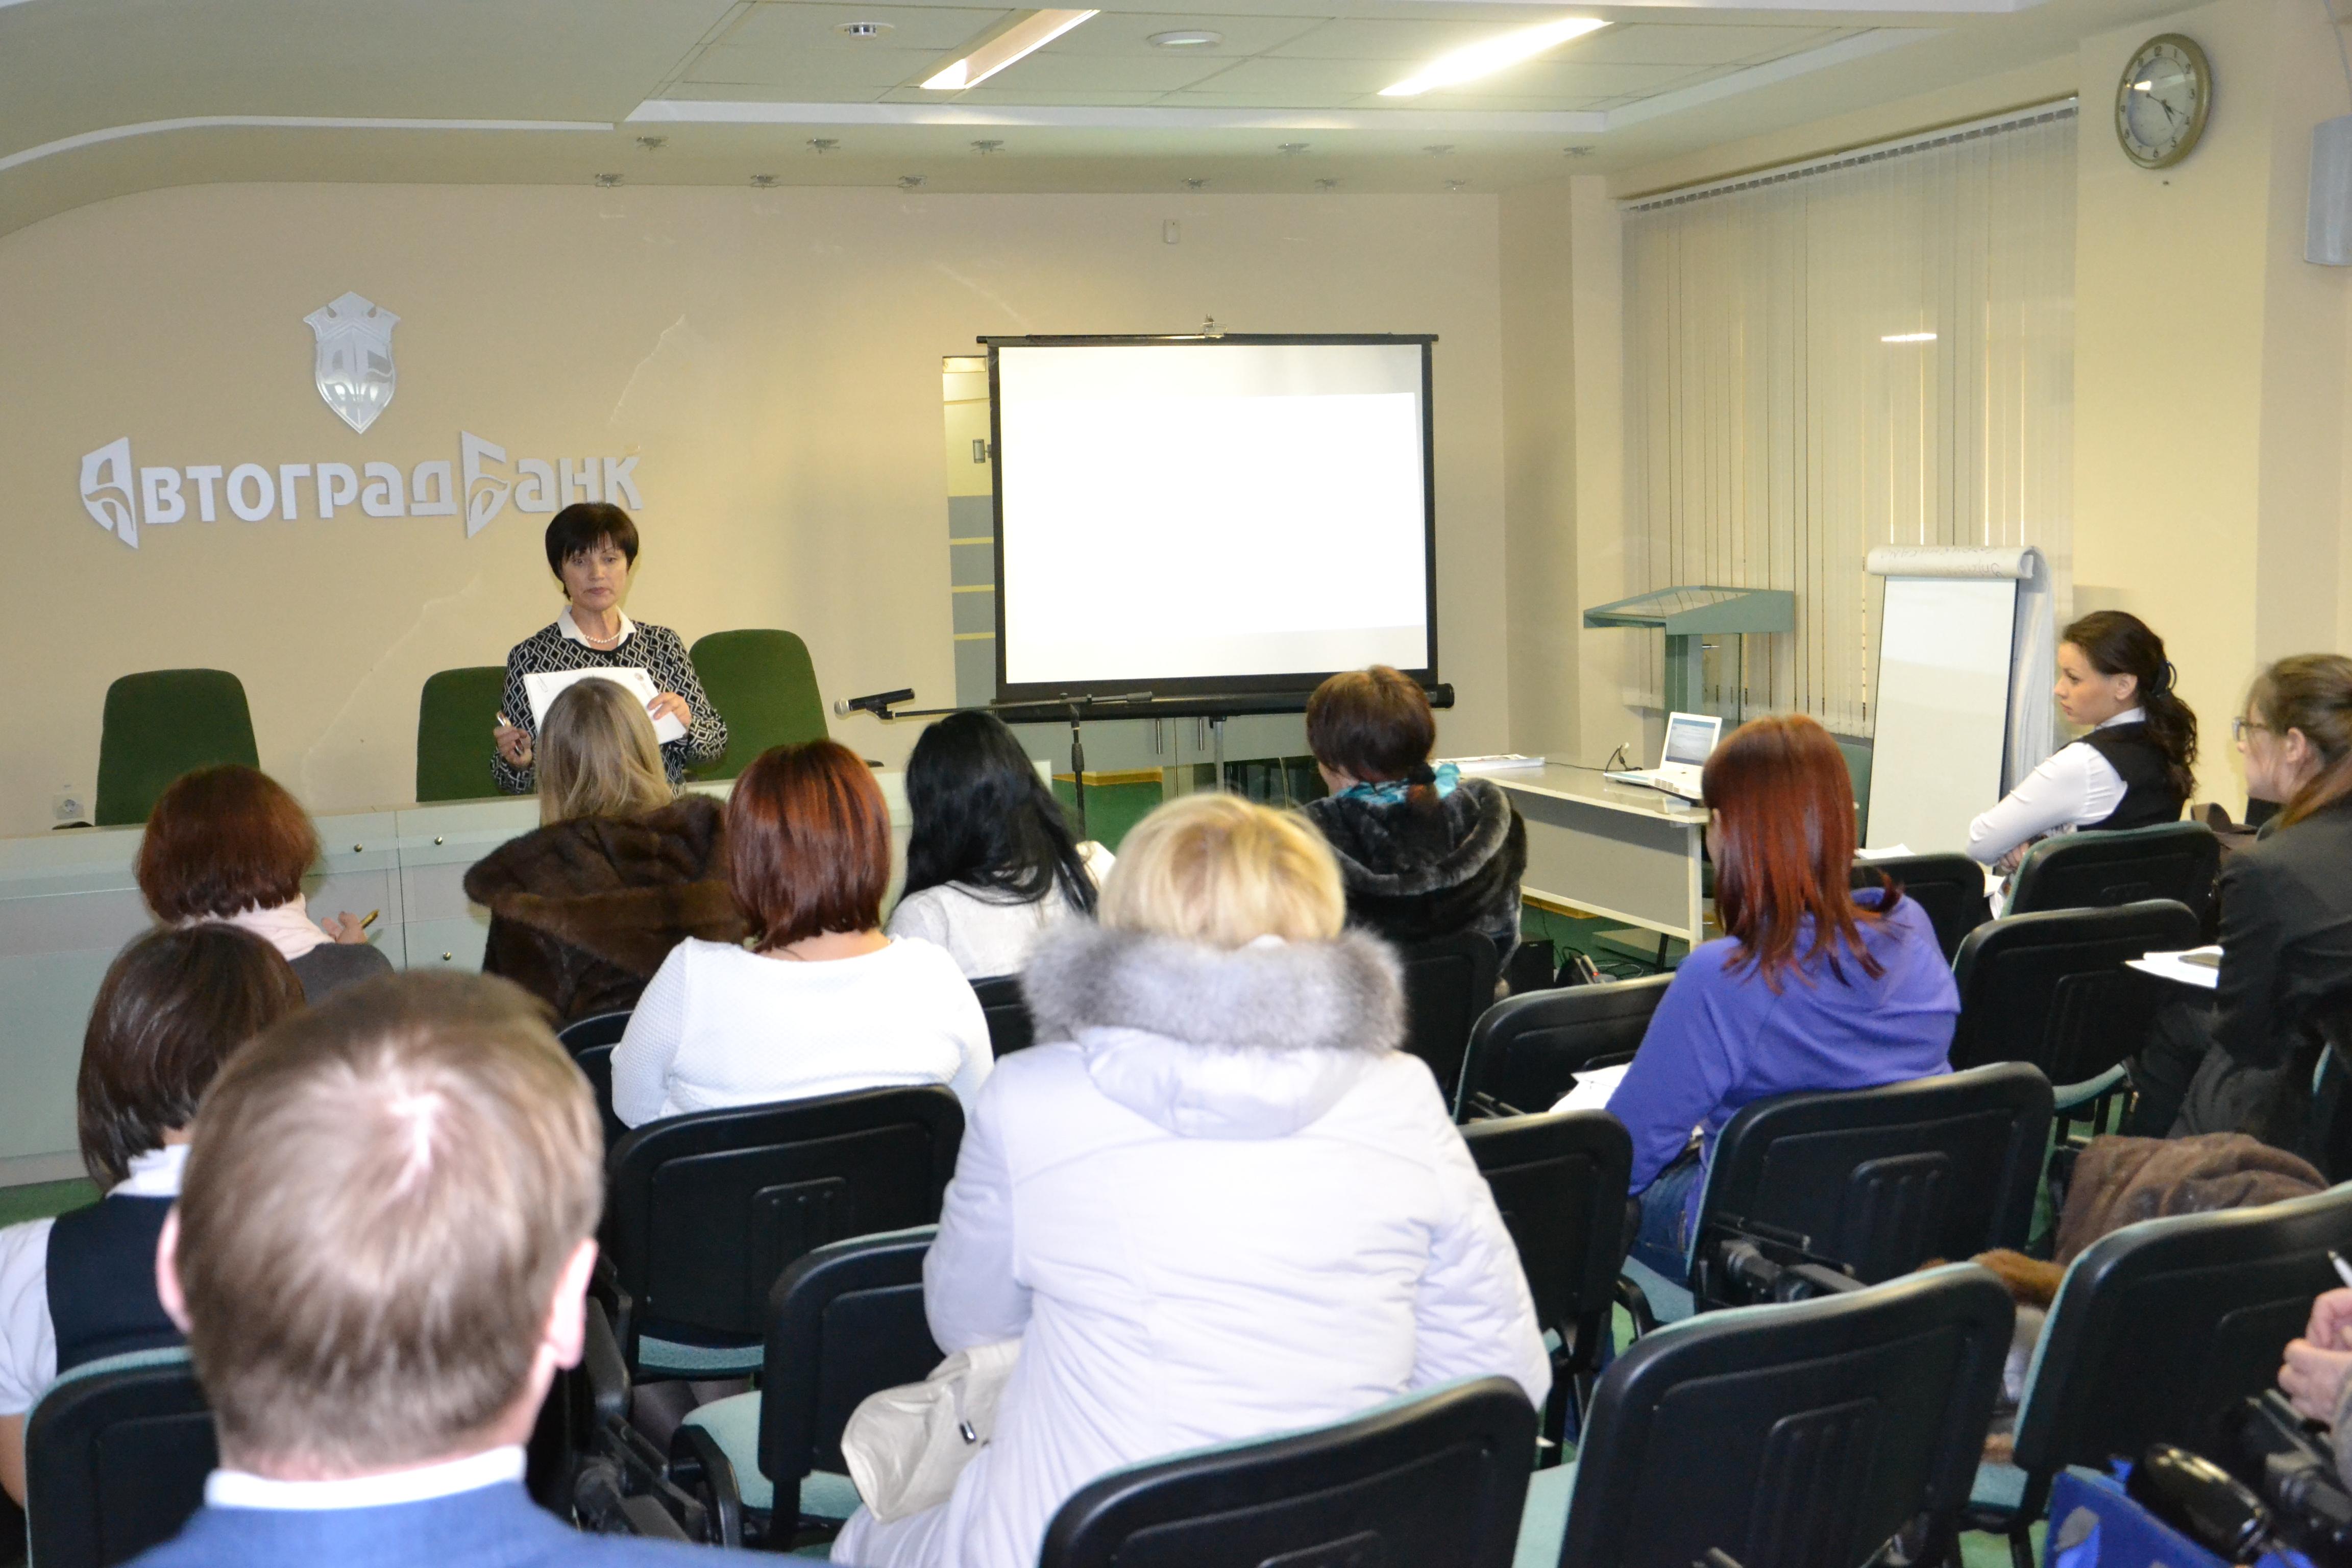 Автоградбанк провел семинар для своих клиентов - «Автоградбанк»